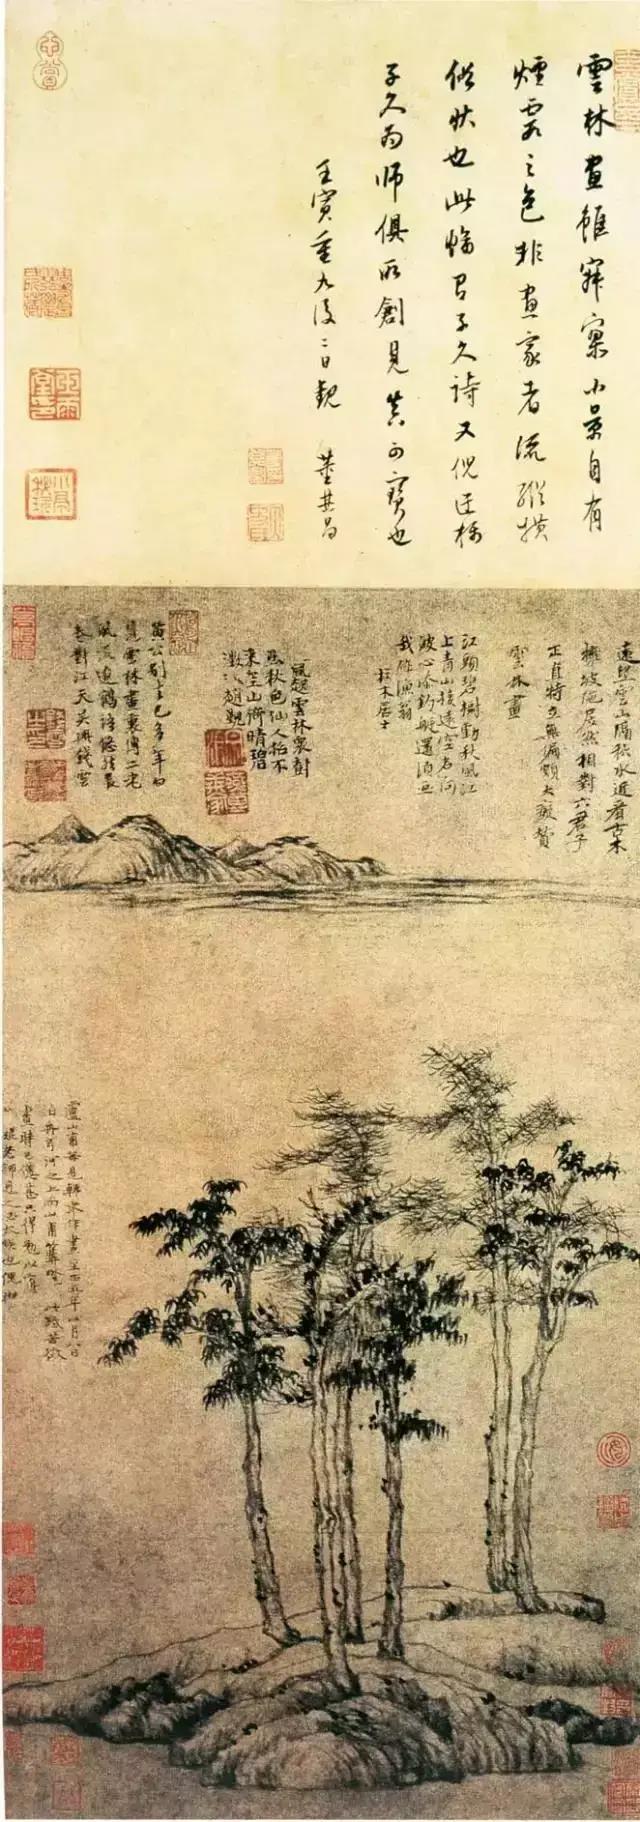 倪瓒山水画中的生命之力-第3张